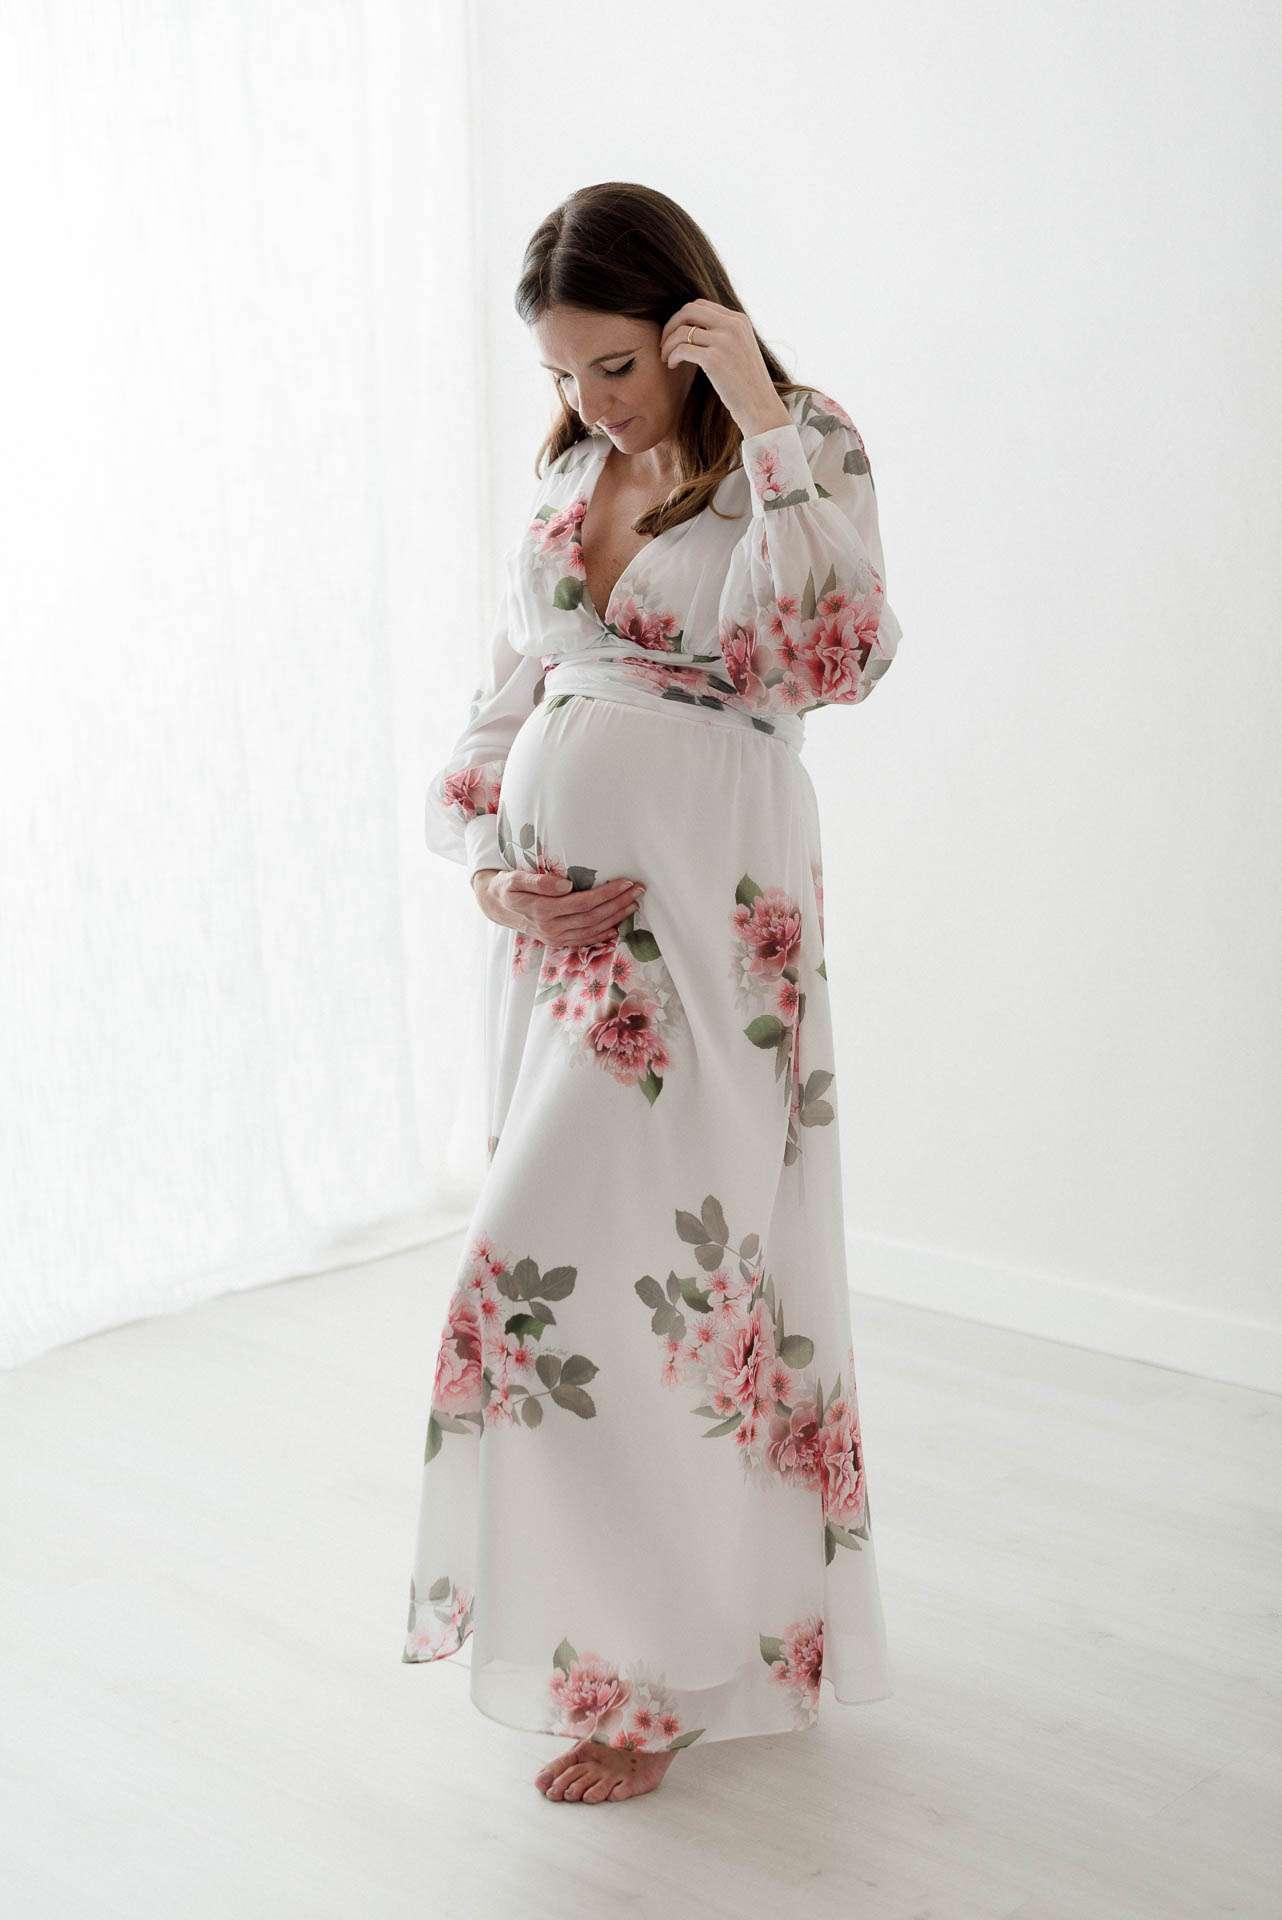 Fotografia donna incinta in abito a fiori realizzata da Barbara Trincone Fotografo specializzato in Gravidanza, Maternità, Genitorialità, Nascita e Newborn a Napoli